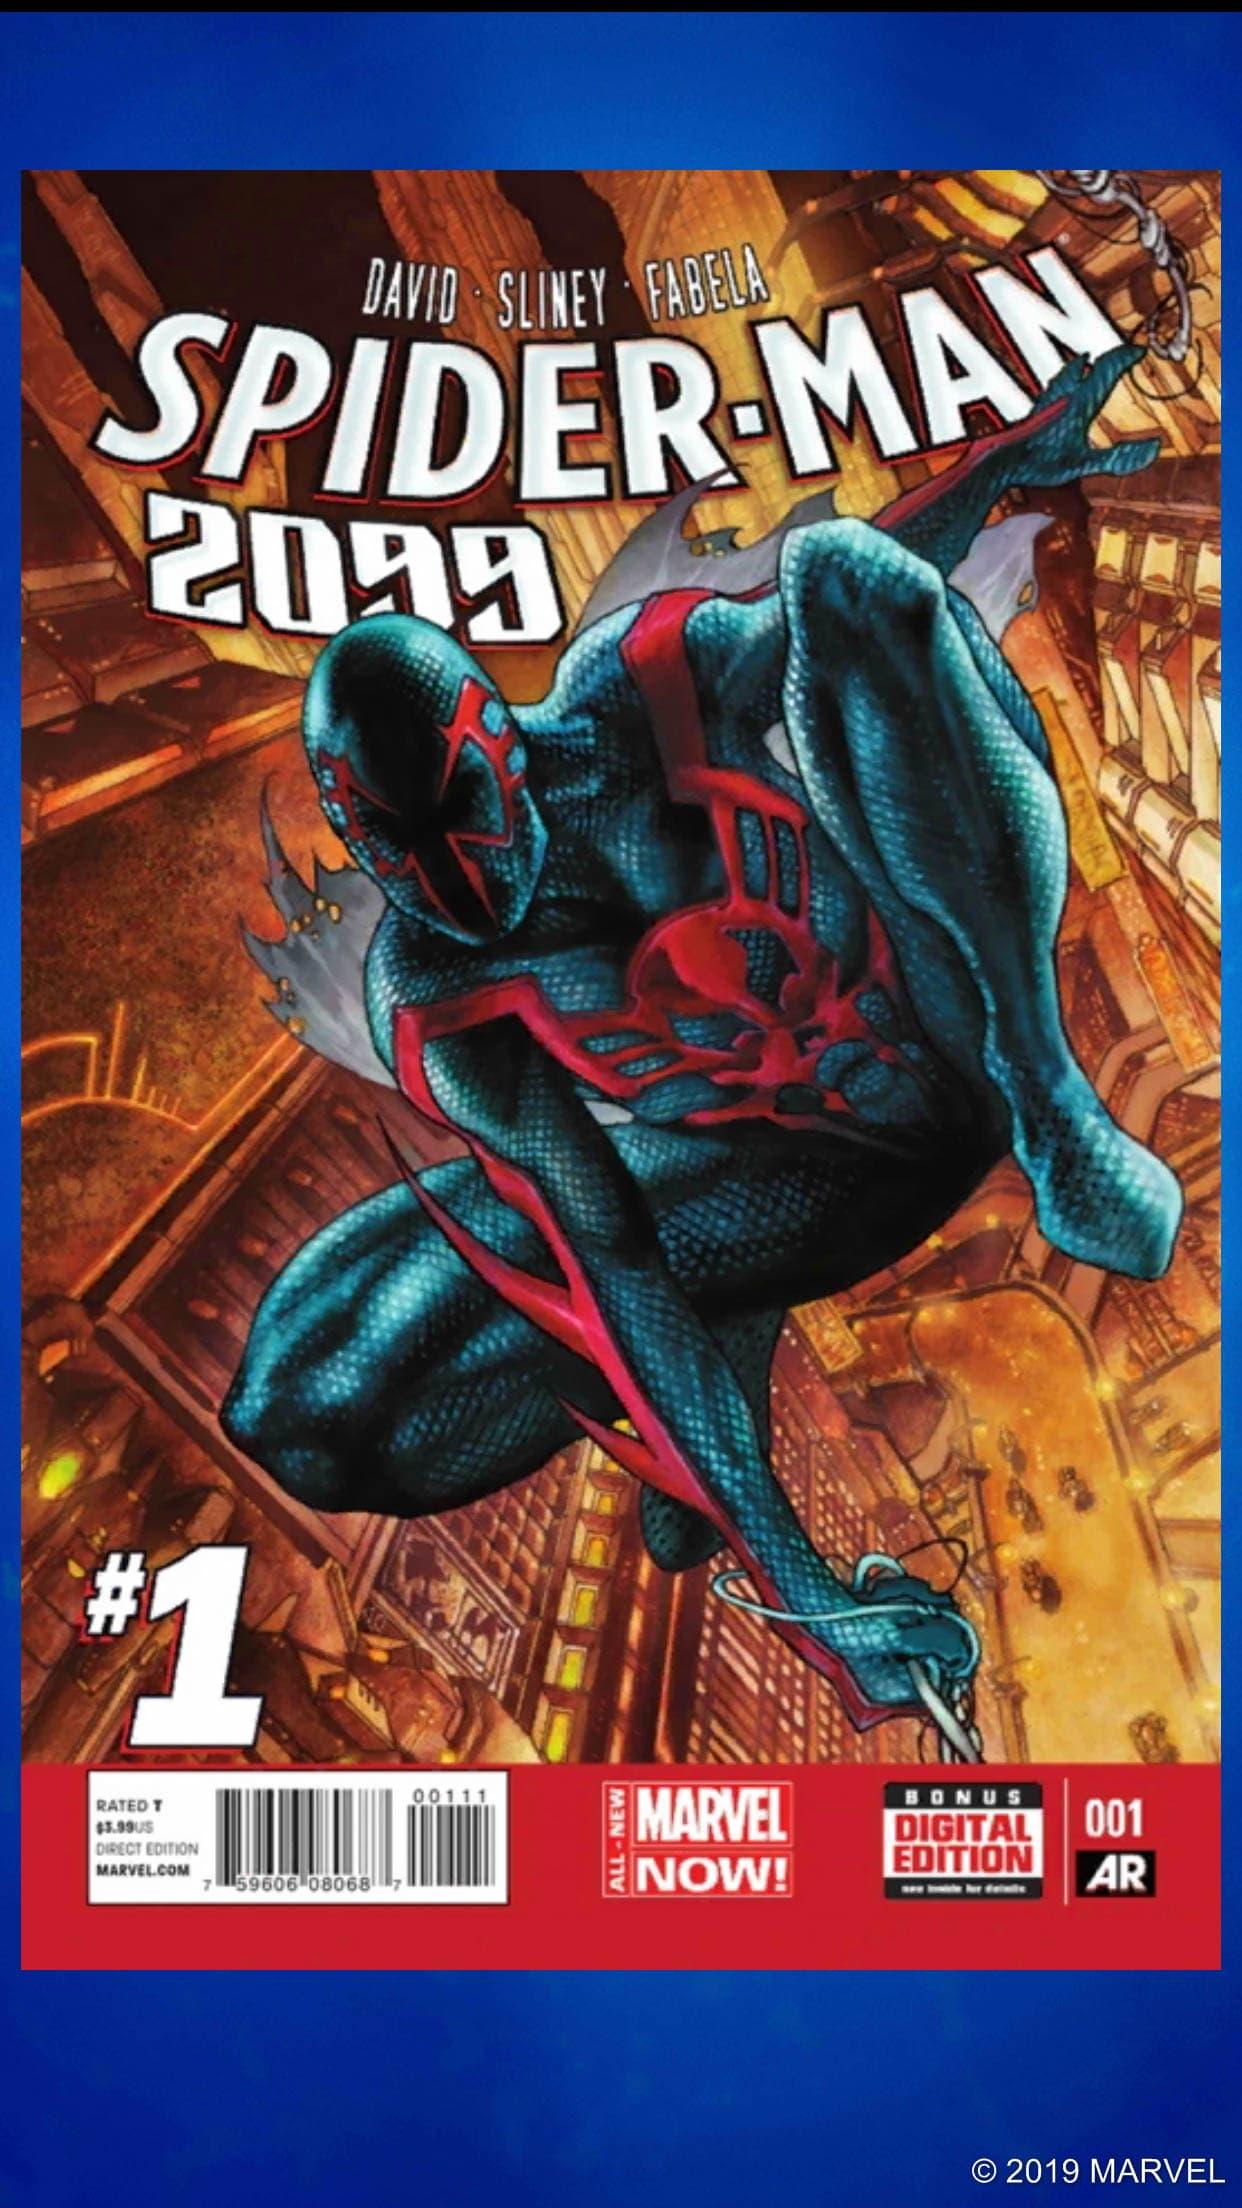 Spider-Man 2099 Puzzle Quest